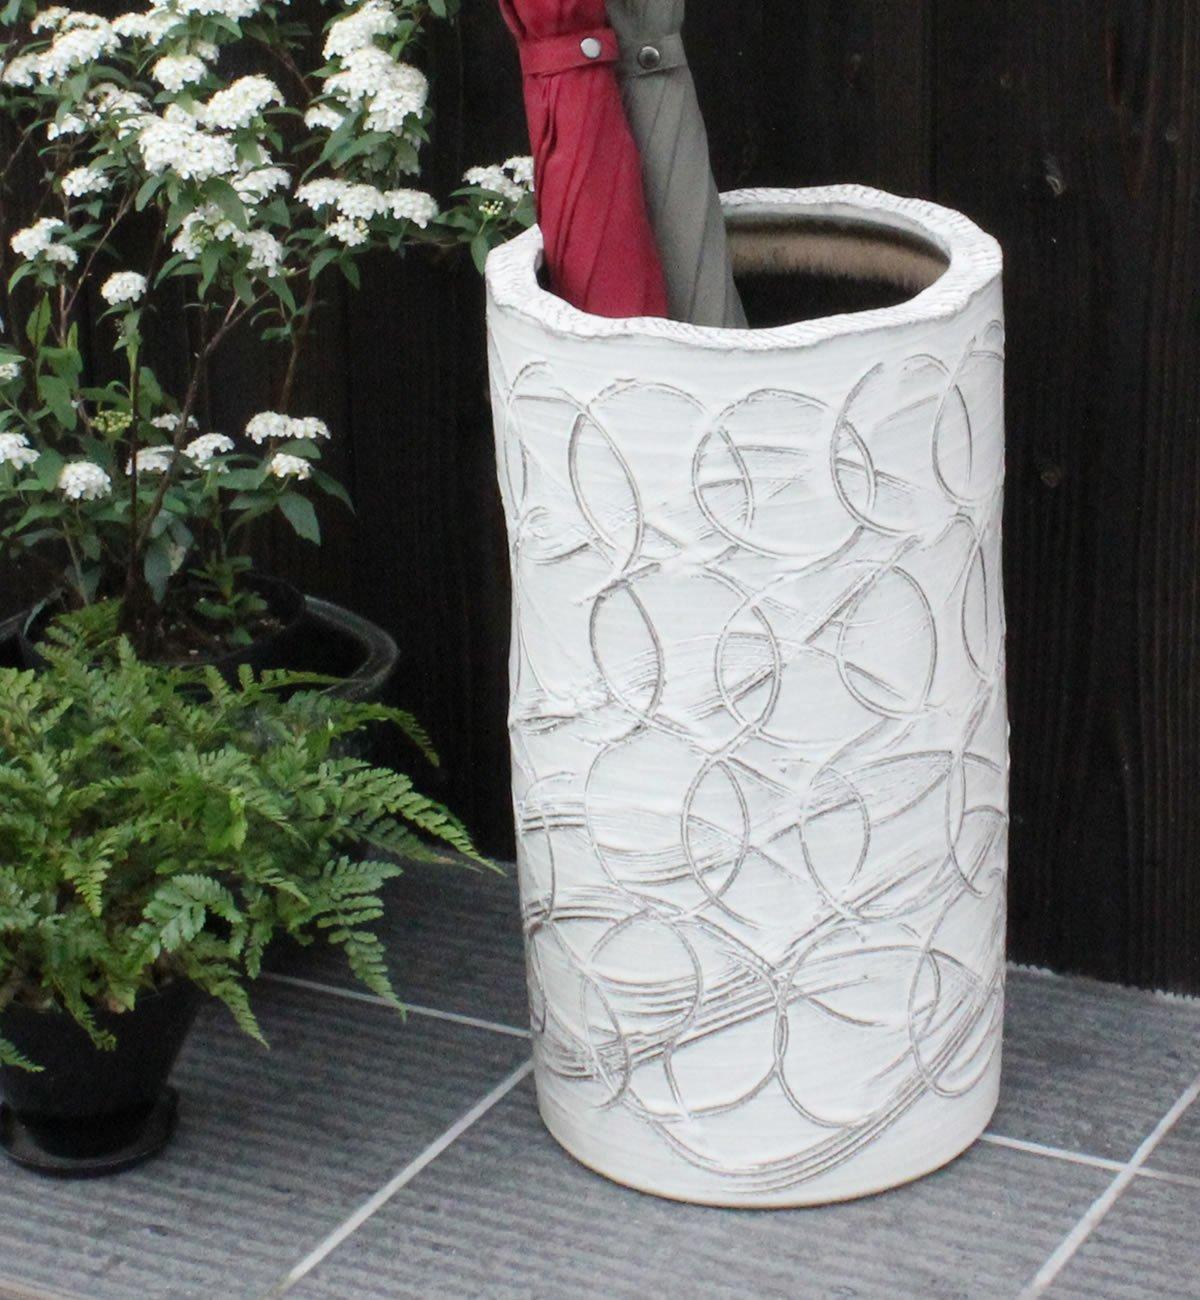 信楽焼 白マット線彫傘立て しがらき焼 笠立て 陶器 おしゃれ kt-0267 B01MZ9G3MX